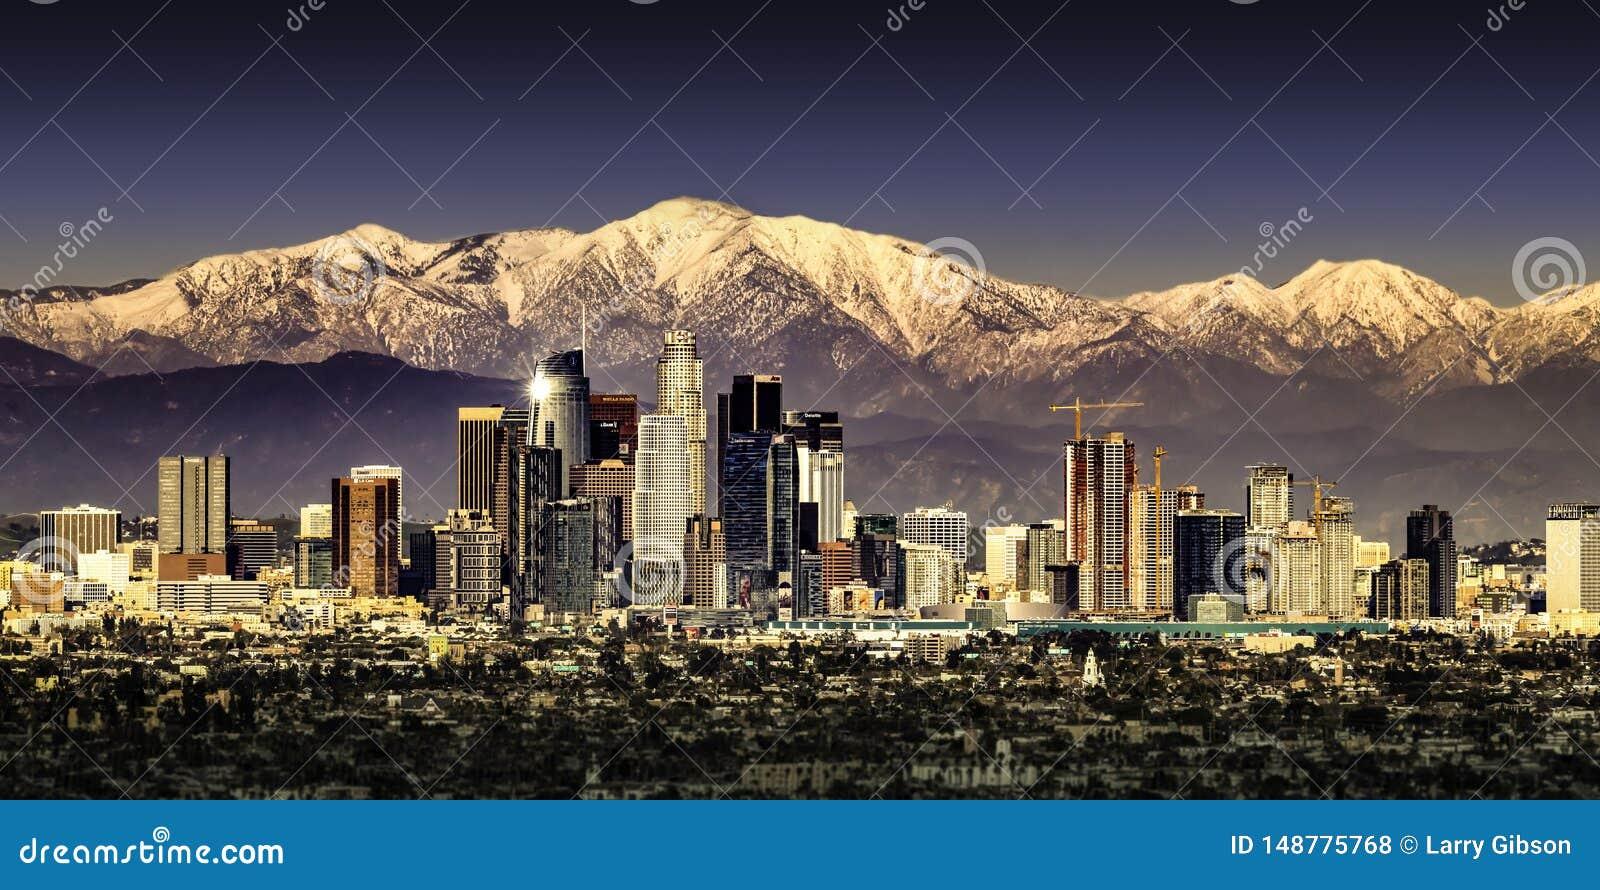 Los Angeles Kalifornien mit Schnee mit einer Kappe bedeckten Bergen